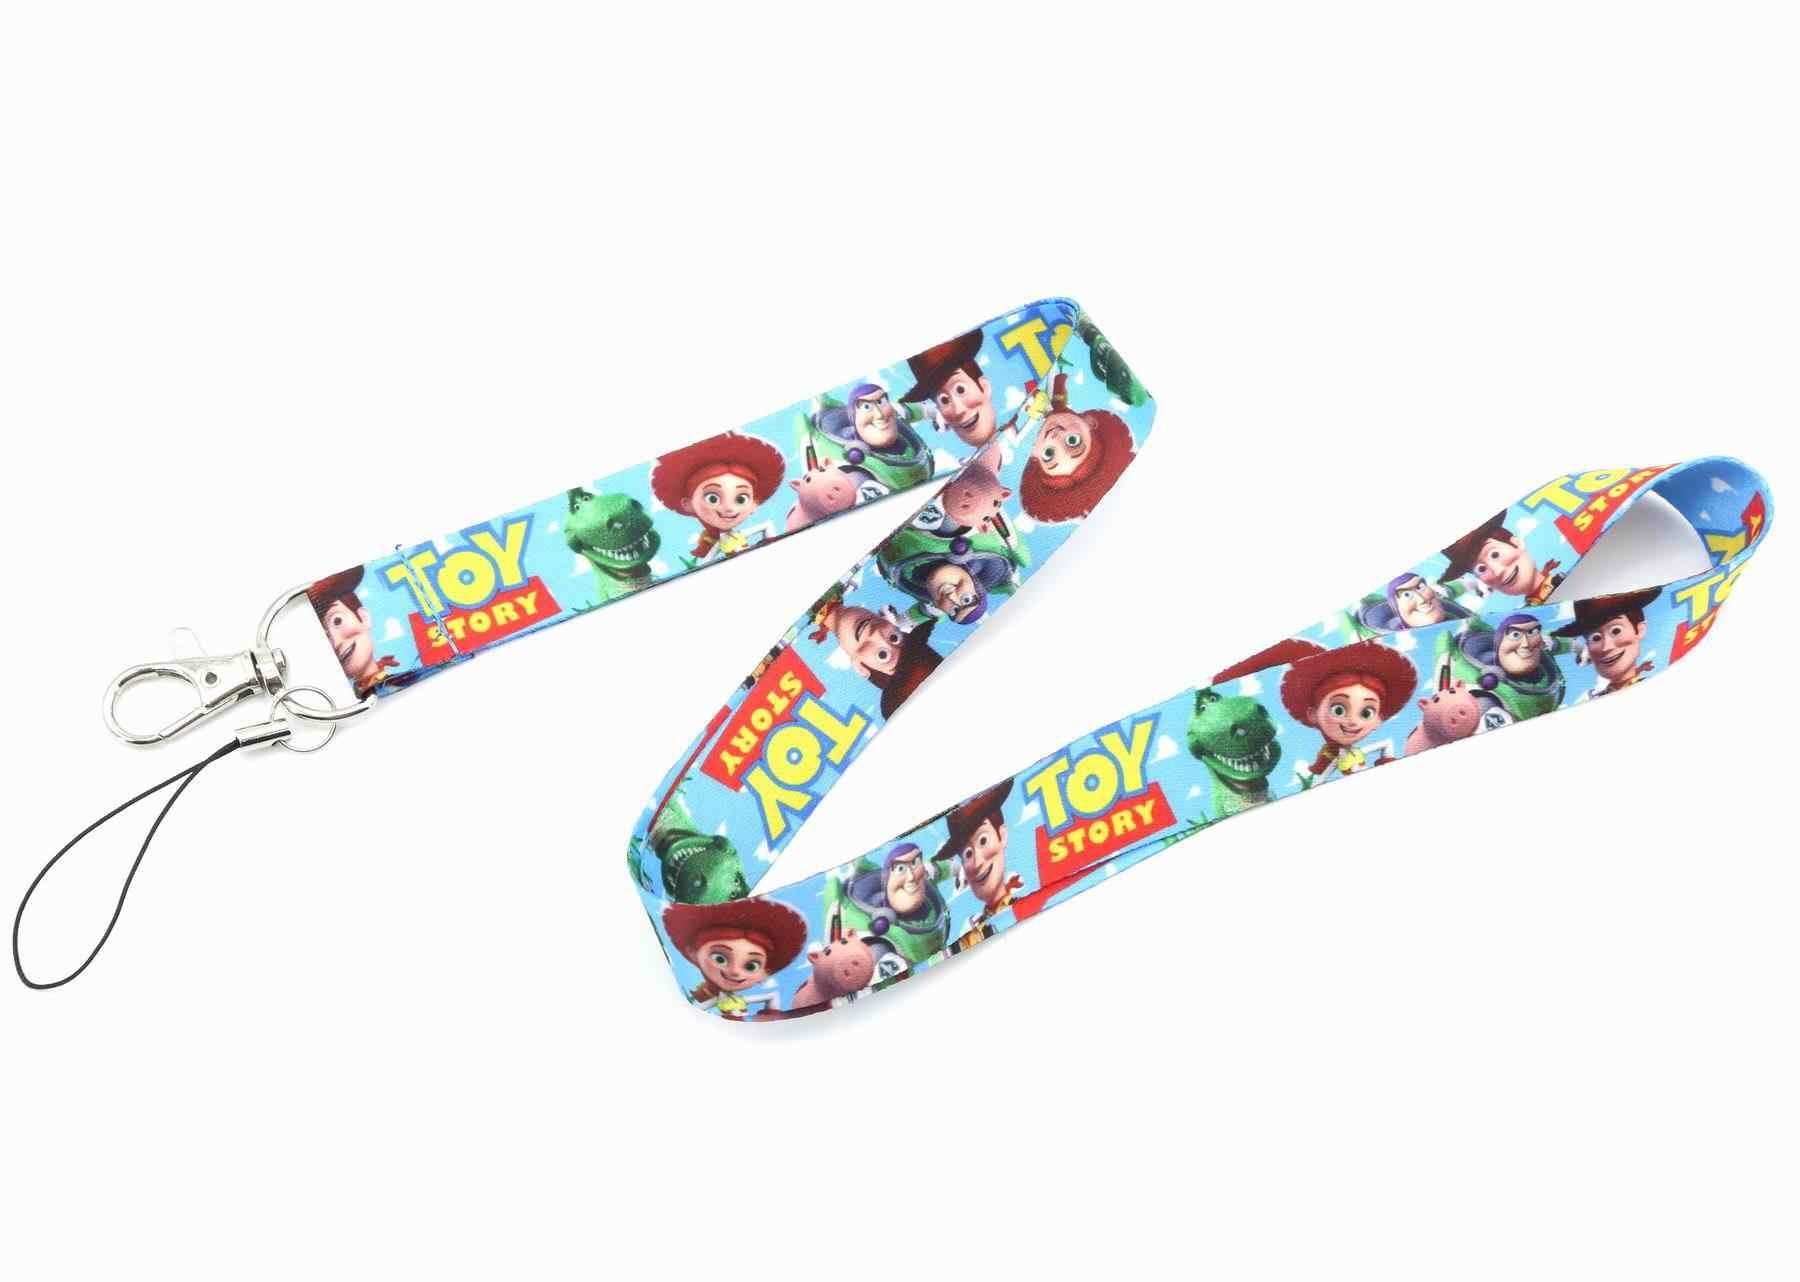 Nuevo Toy Story 4 Buzz Lightyear Woody Forky Cordón de teléfono móvil llavero llaveros Anime juguetes niños regalos de cumpleaños